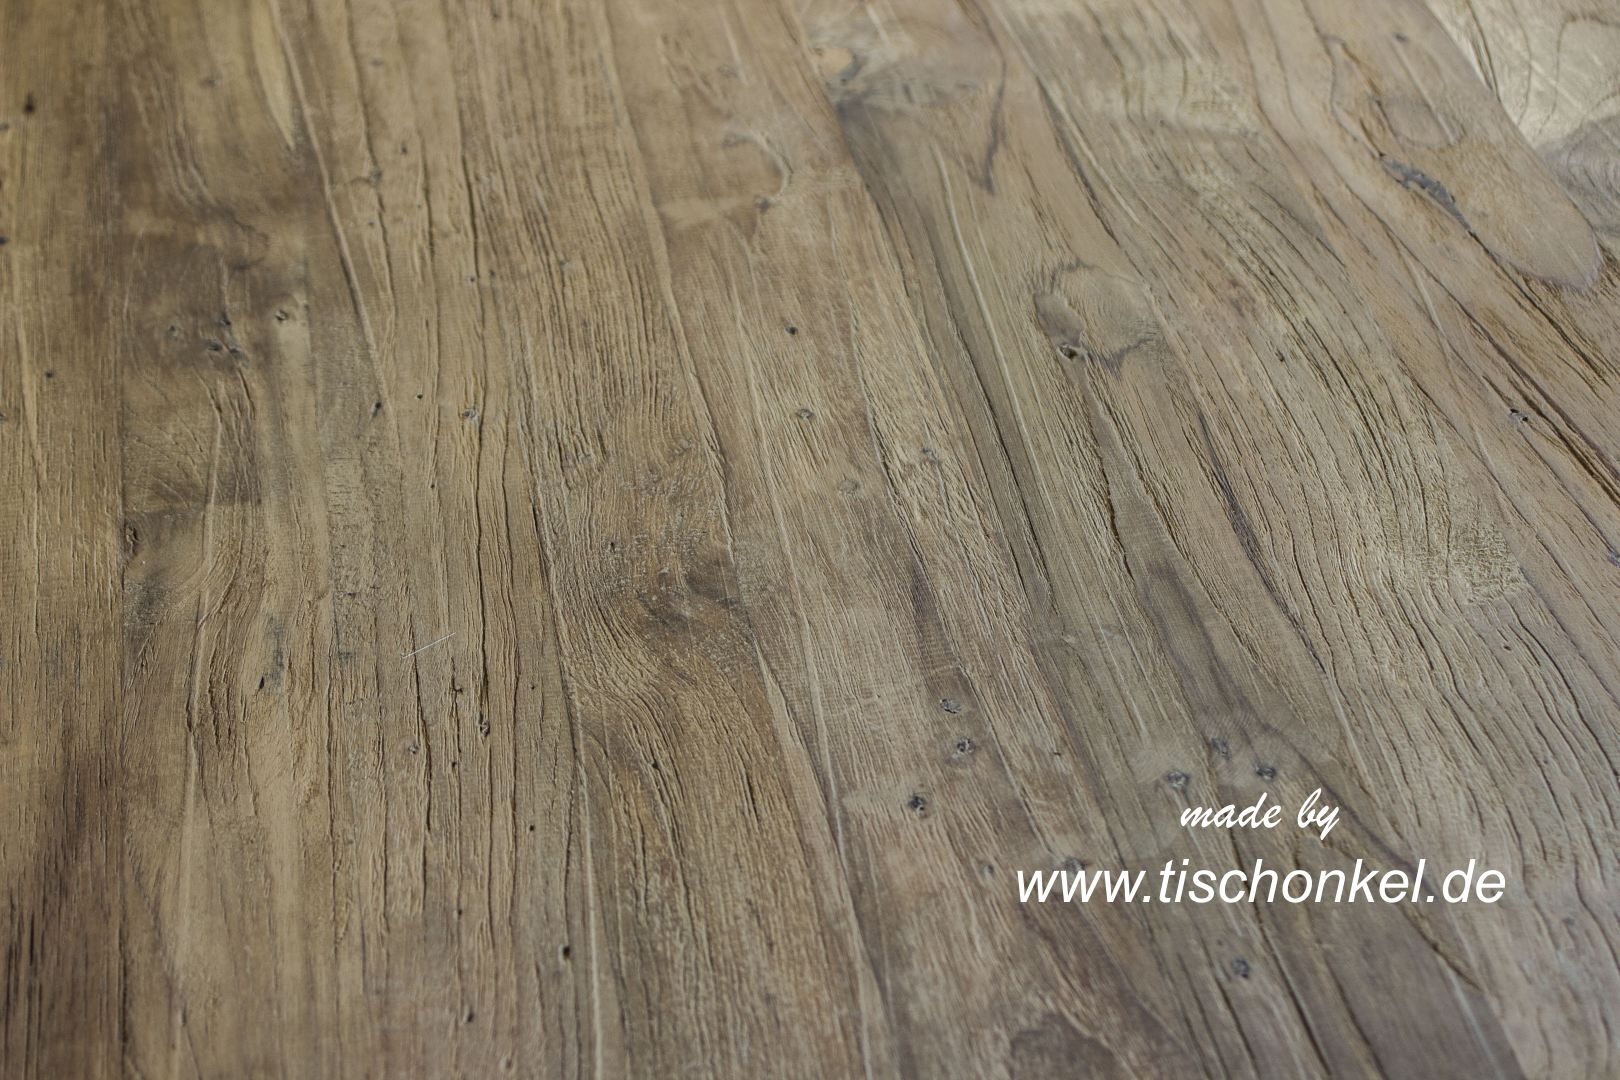 Esstischgarnitur Ikea ~ Esstisch Edelstahl Holz Esstisch holz edelstahl ausziehbar wohnm?bel refere